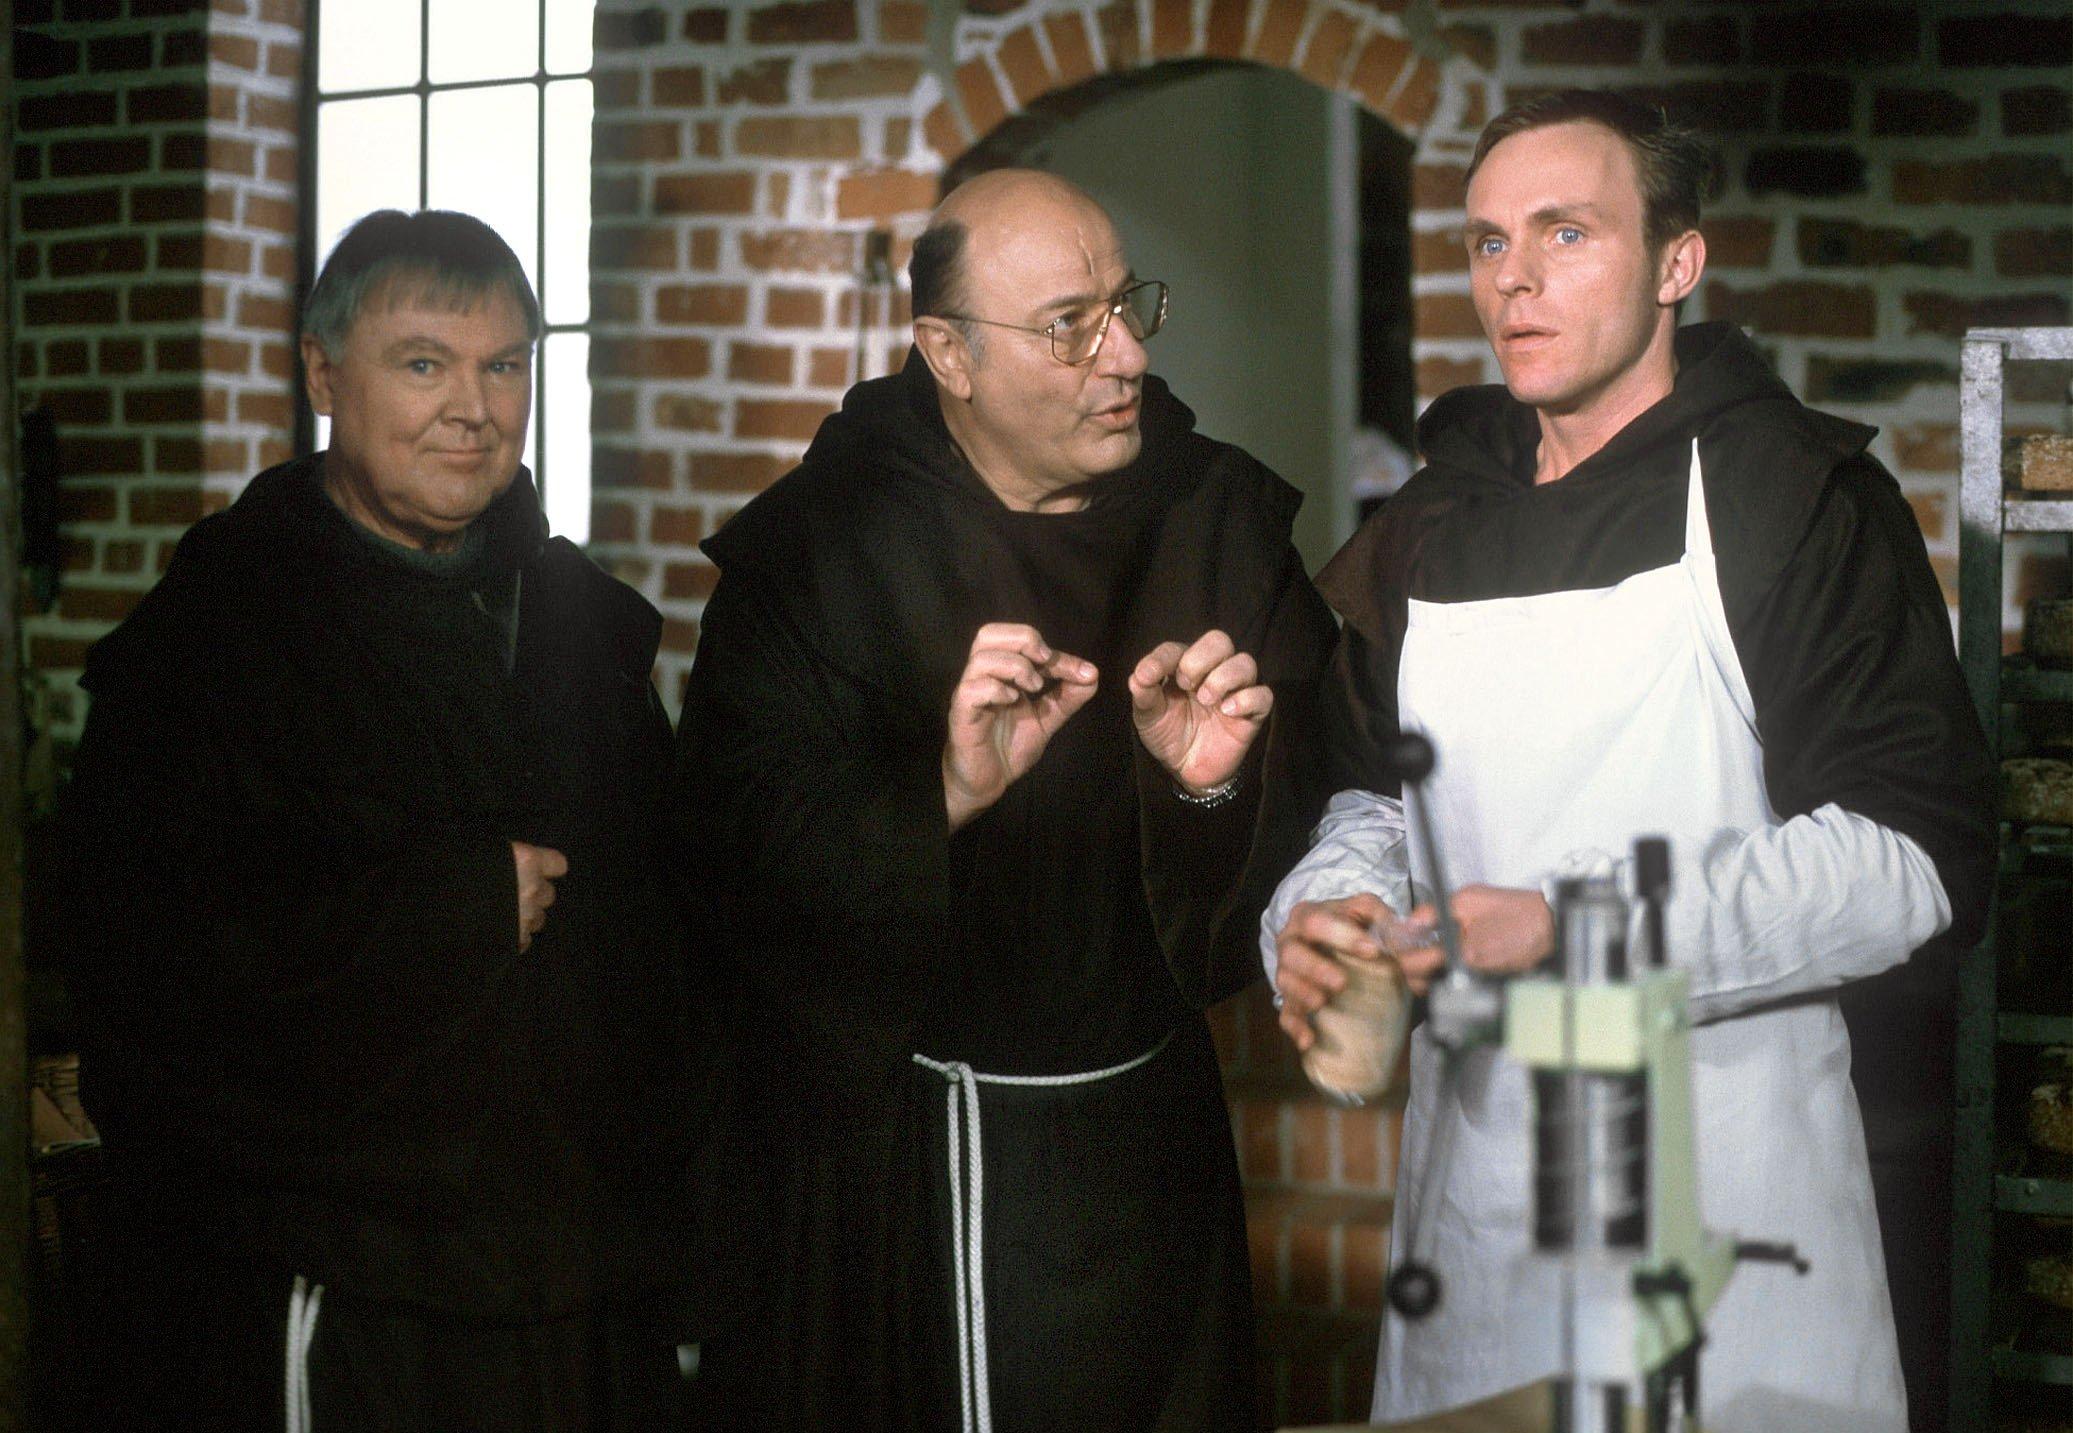 Manfred Krug als Kommissar, der undercover im Kloster ermittelt: Krugs Vater war Ingenieur, Sohn Manfred lernte zunächst Stahlschmelzer. Statt wie der Vater Ingenieur zu werden, entschied sich Krug dann doch für die Schauspielerei.